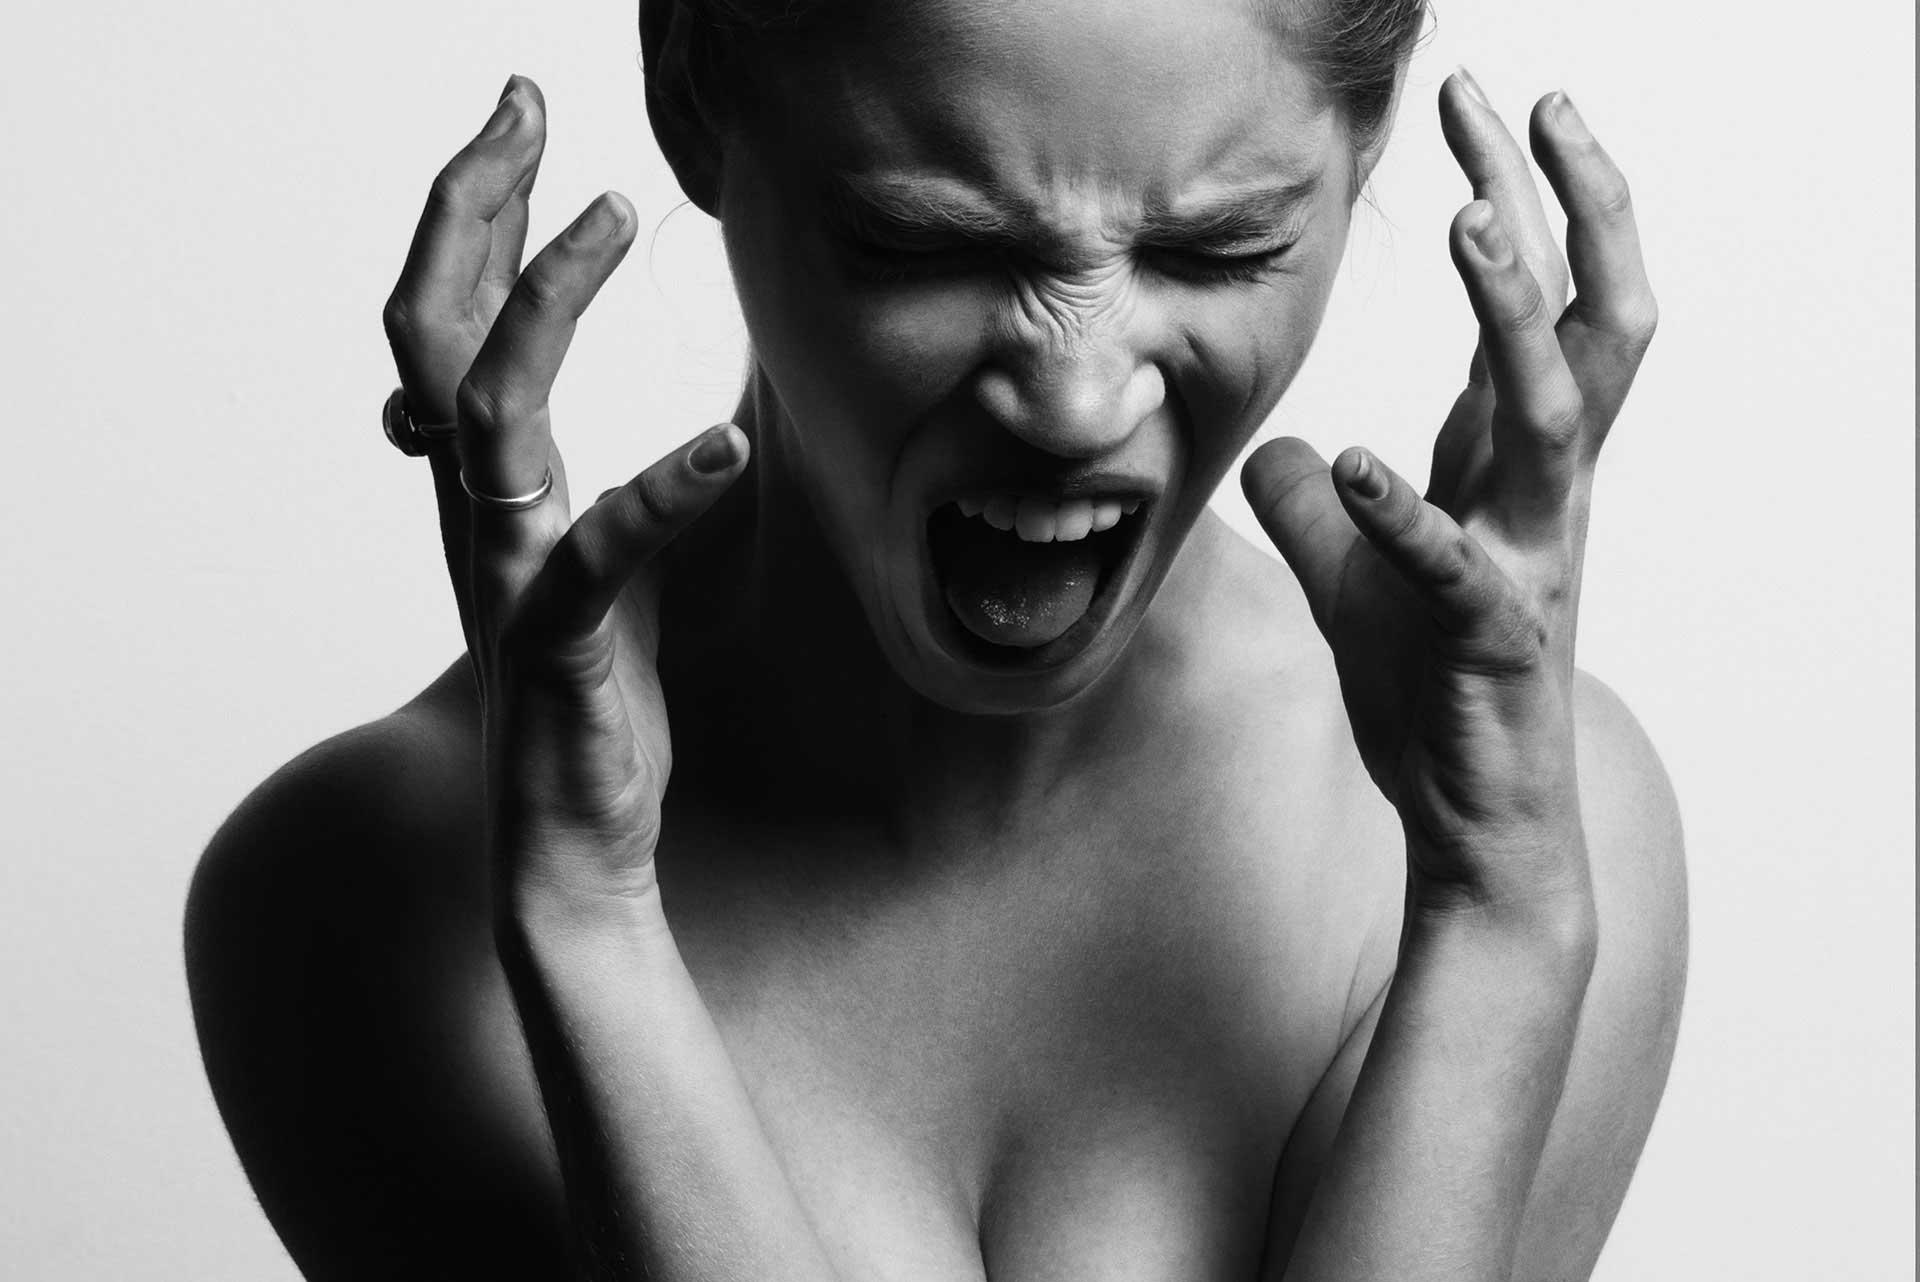 Frau schreit mit geschlossenen Augen, hält Hände auf Kopfhöhe